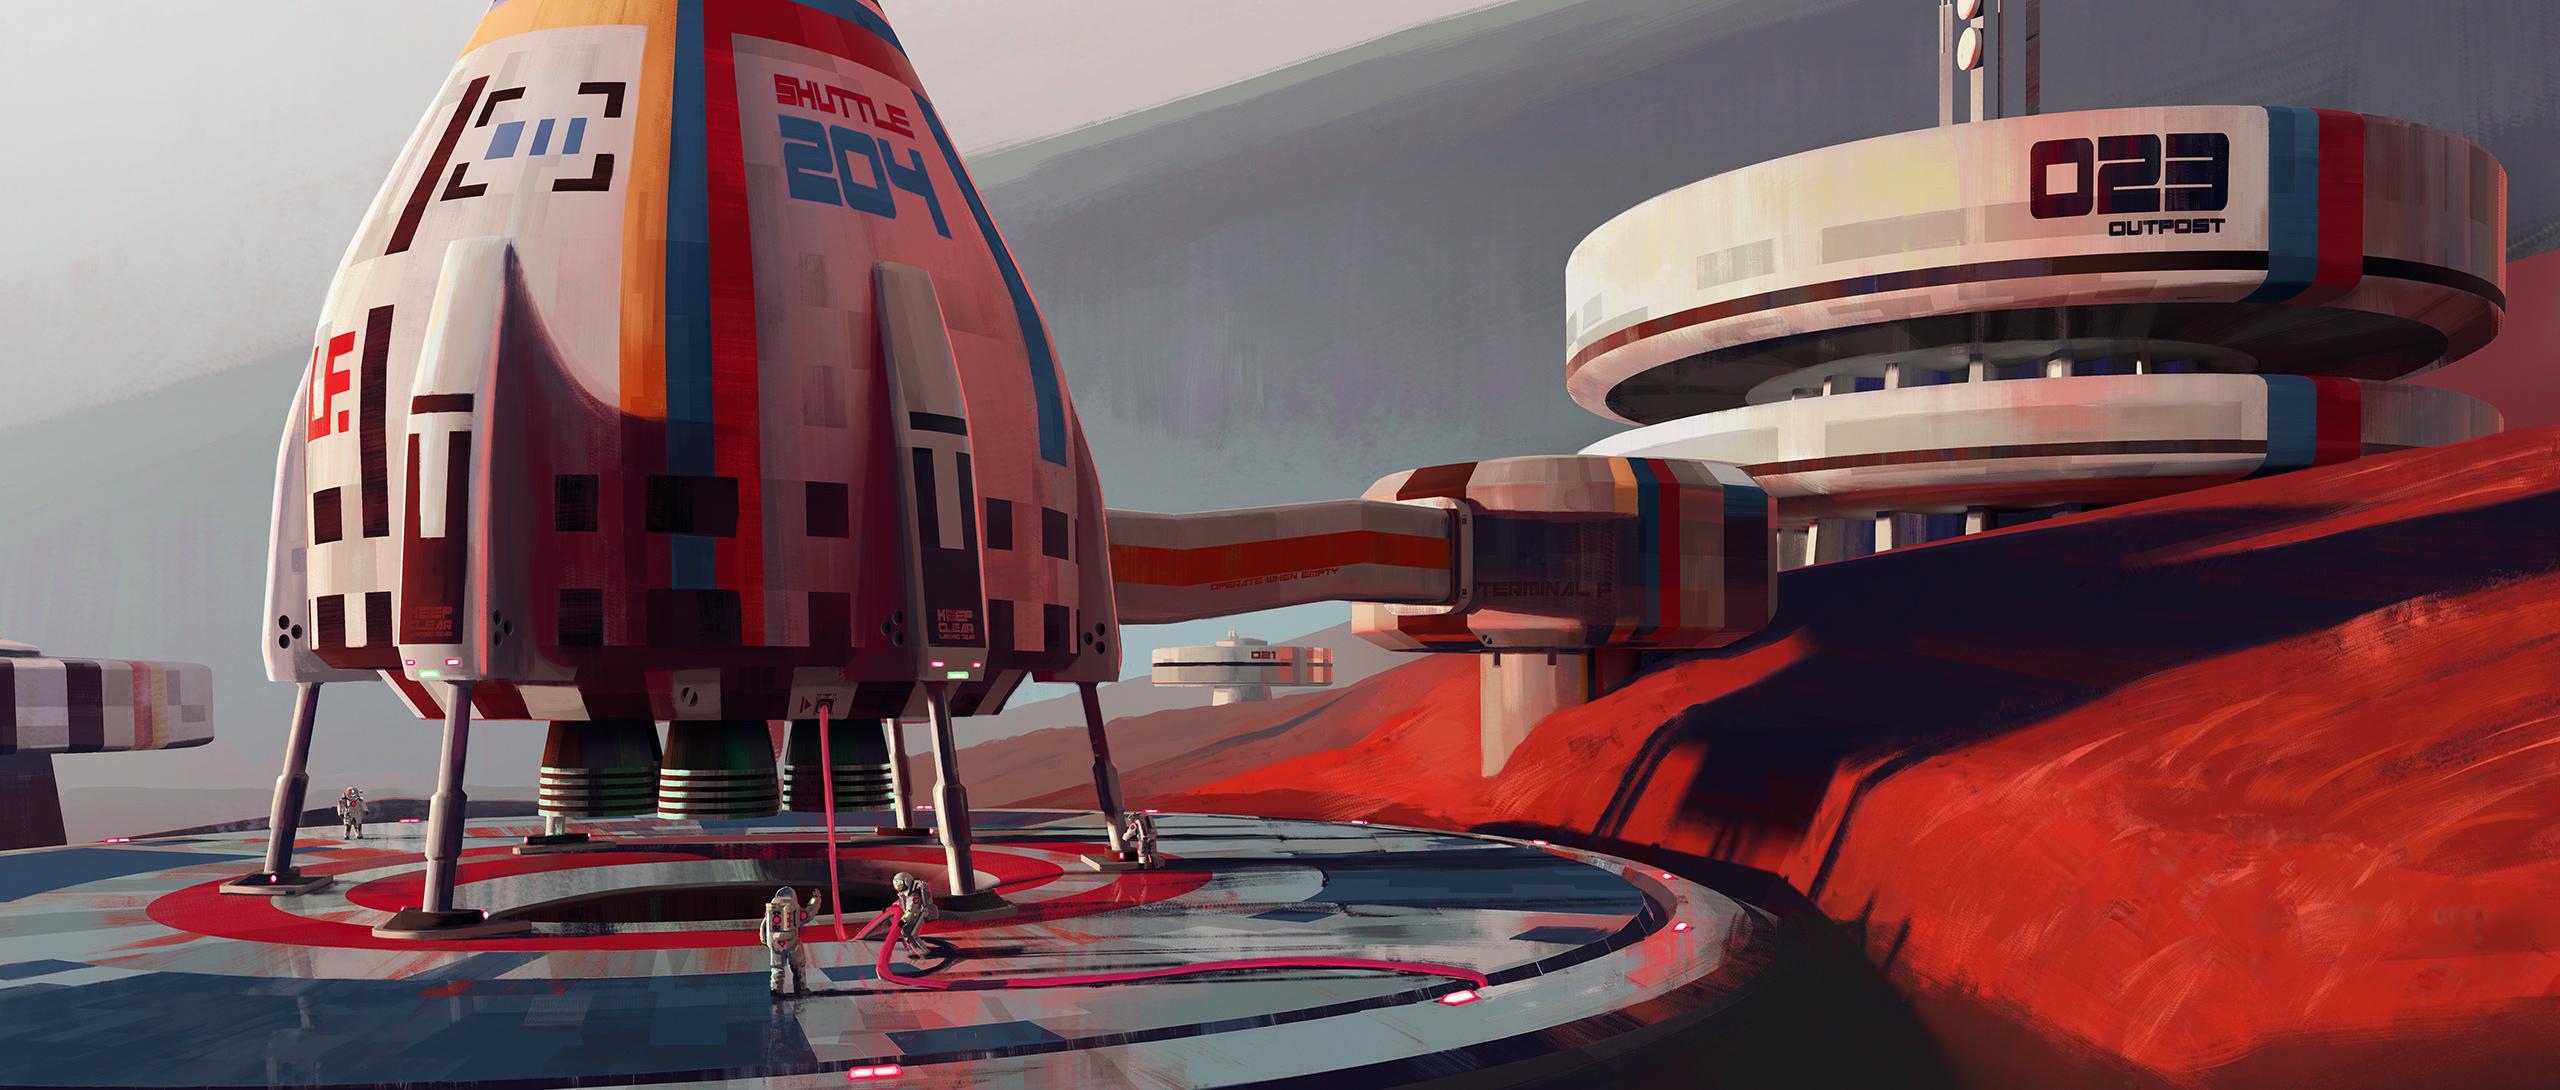 Shuttle 204 by MacRebisz